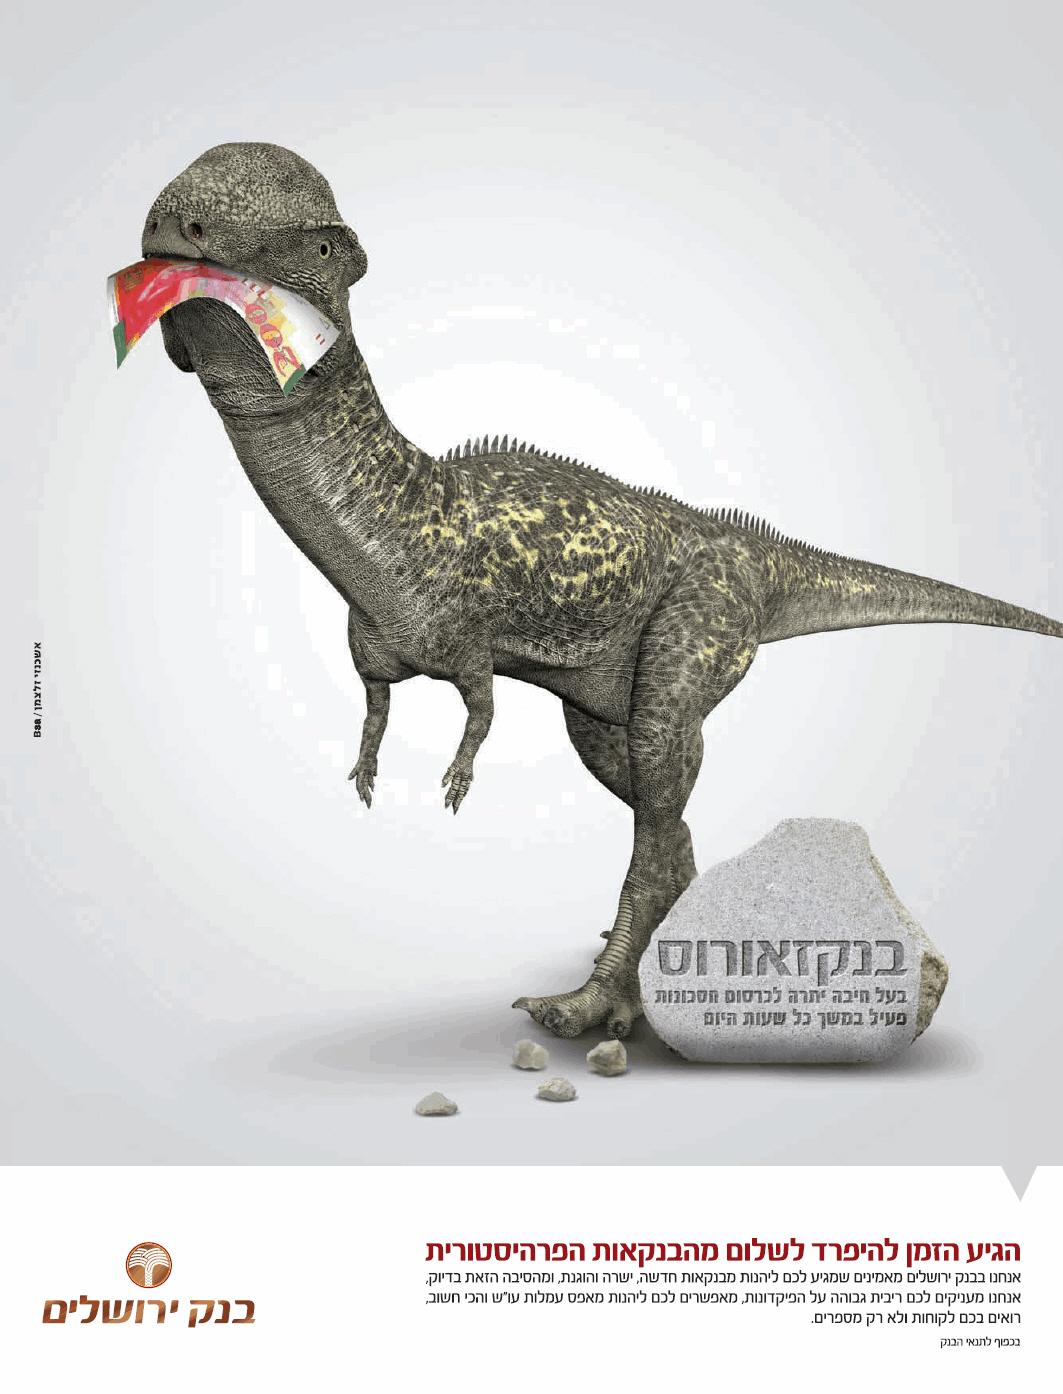 מדד המותגים 2013: בנק ירושלים - בנקזאורוס